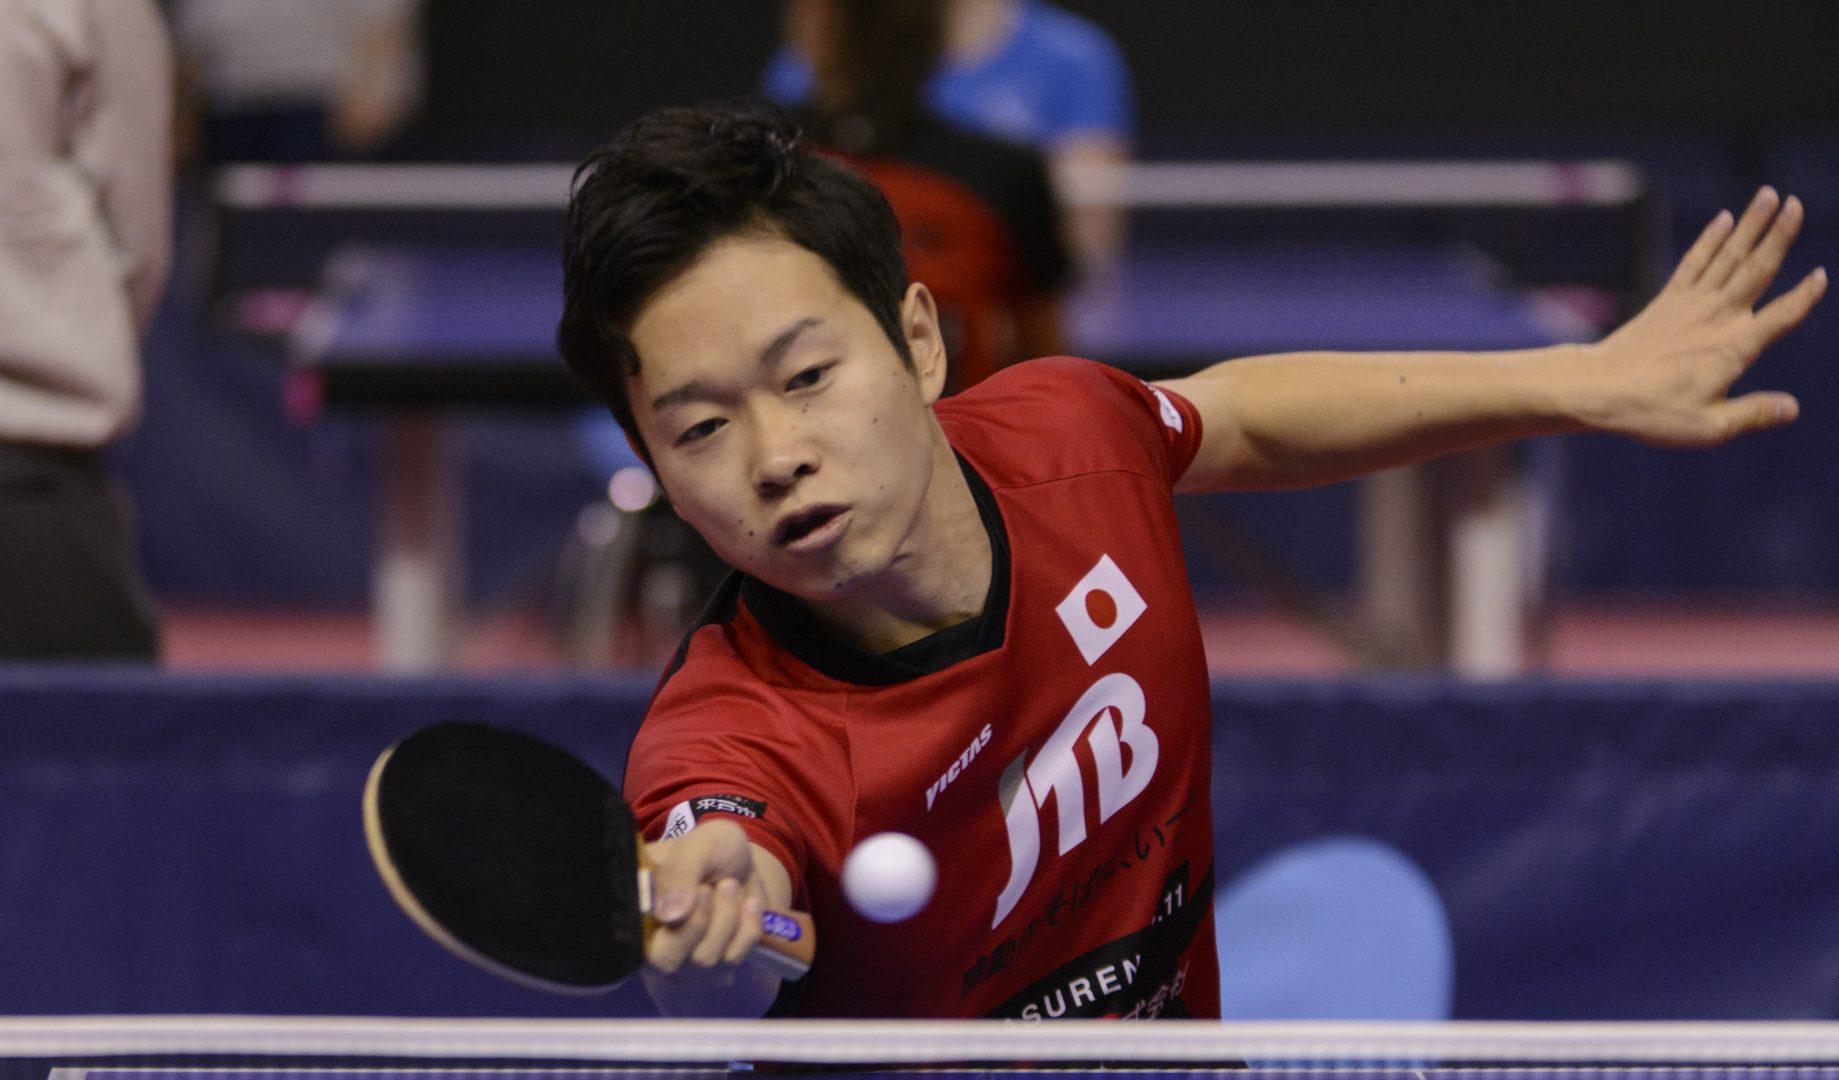 東京パラ五輪、卓球競技スケジュール発表 10日間での開催